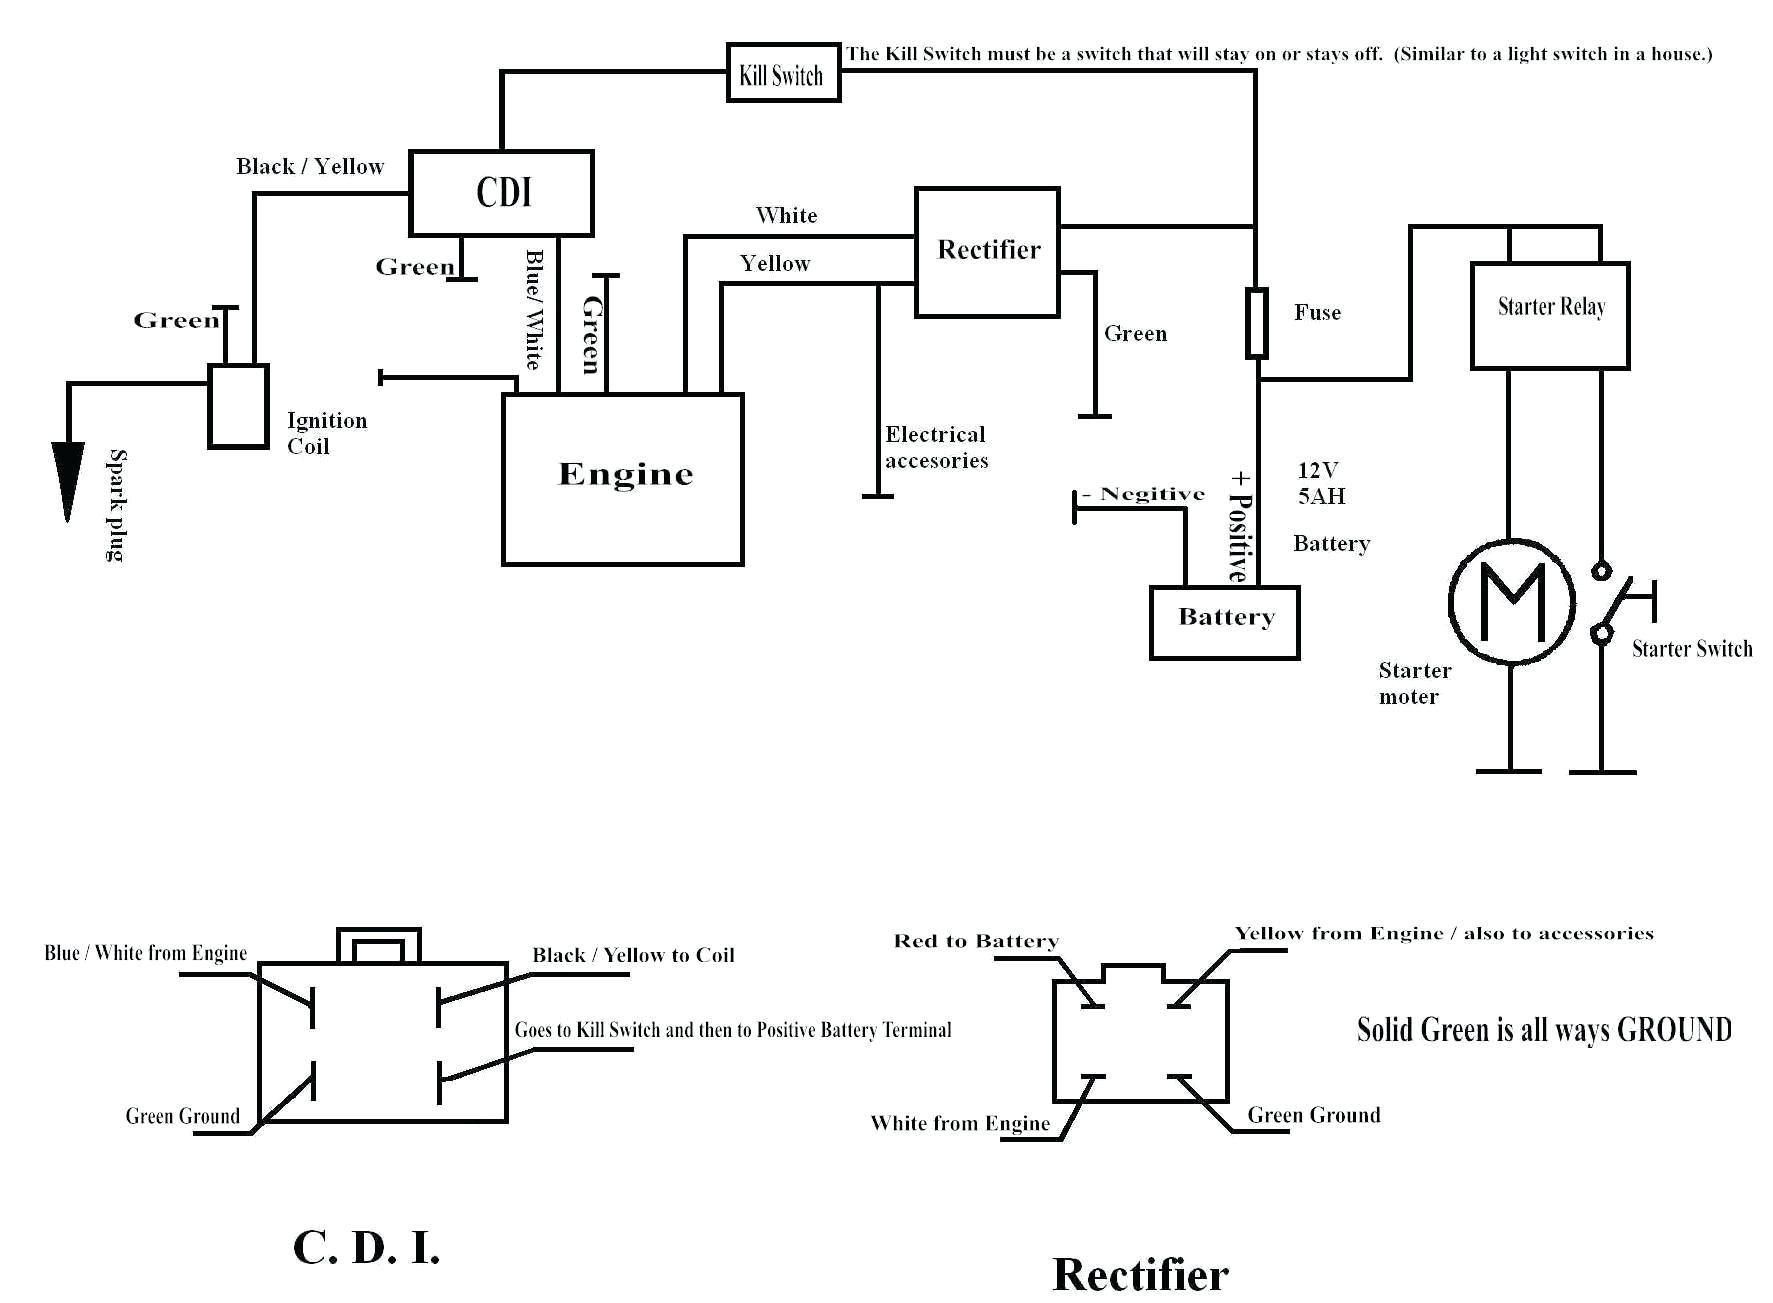 wiring diagrams besides 49cc mini chopper bikes as well 49cc mini wiring diagram 49cc pocket bike